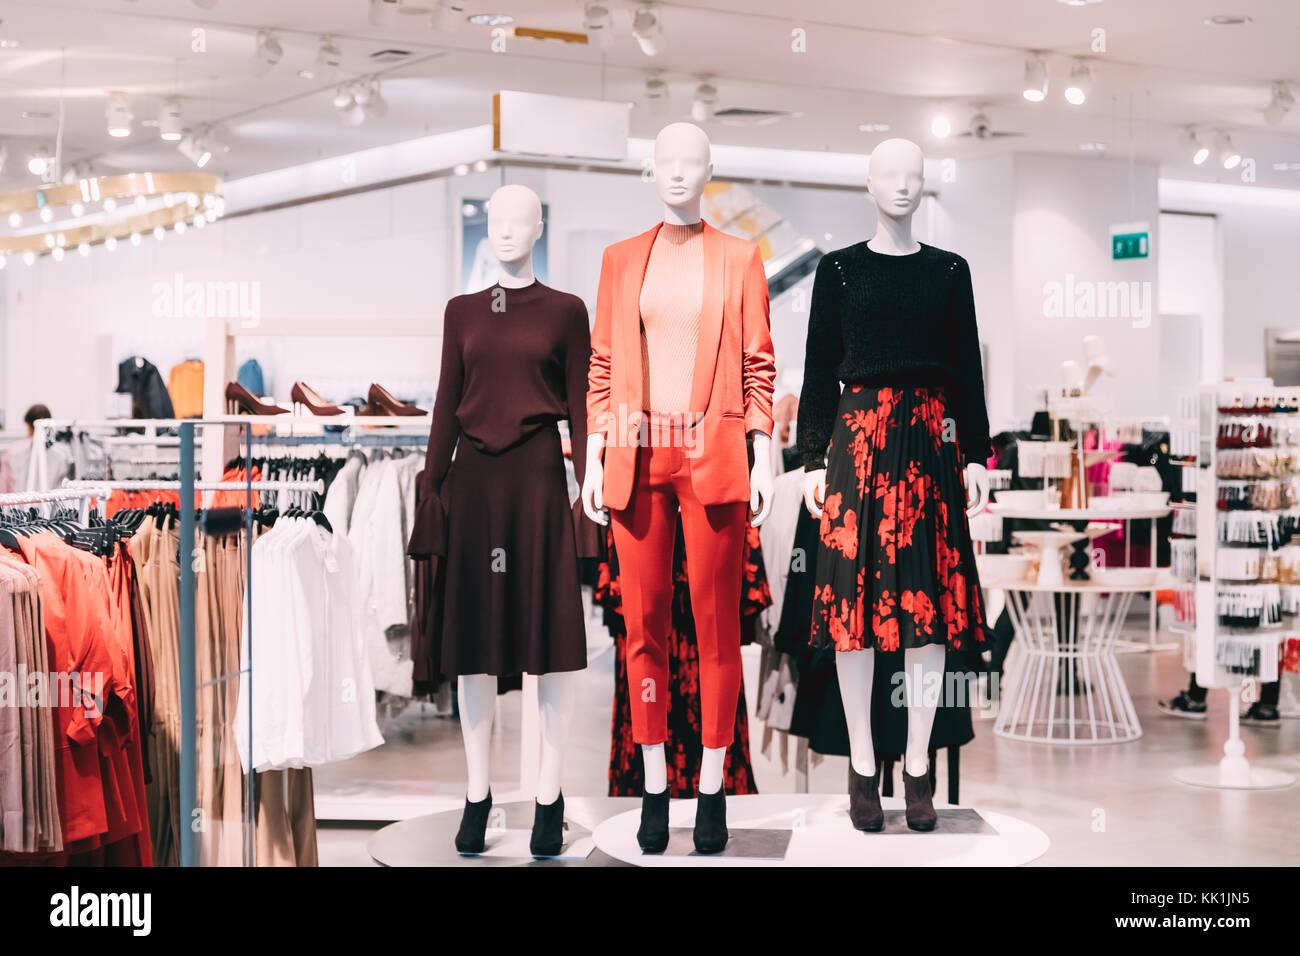 Vestidos para mujer tiendas